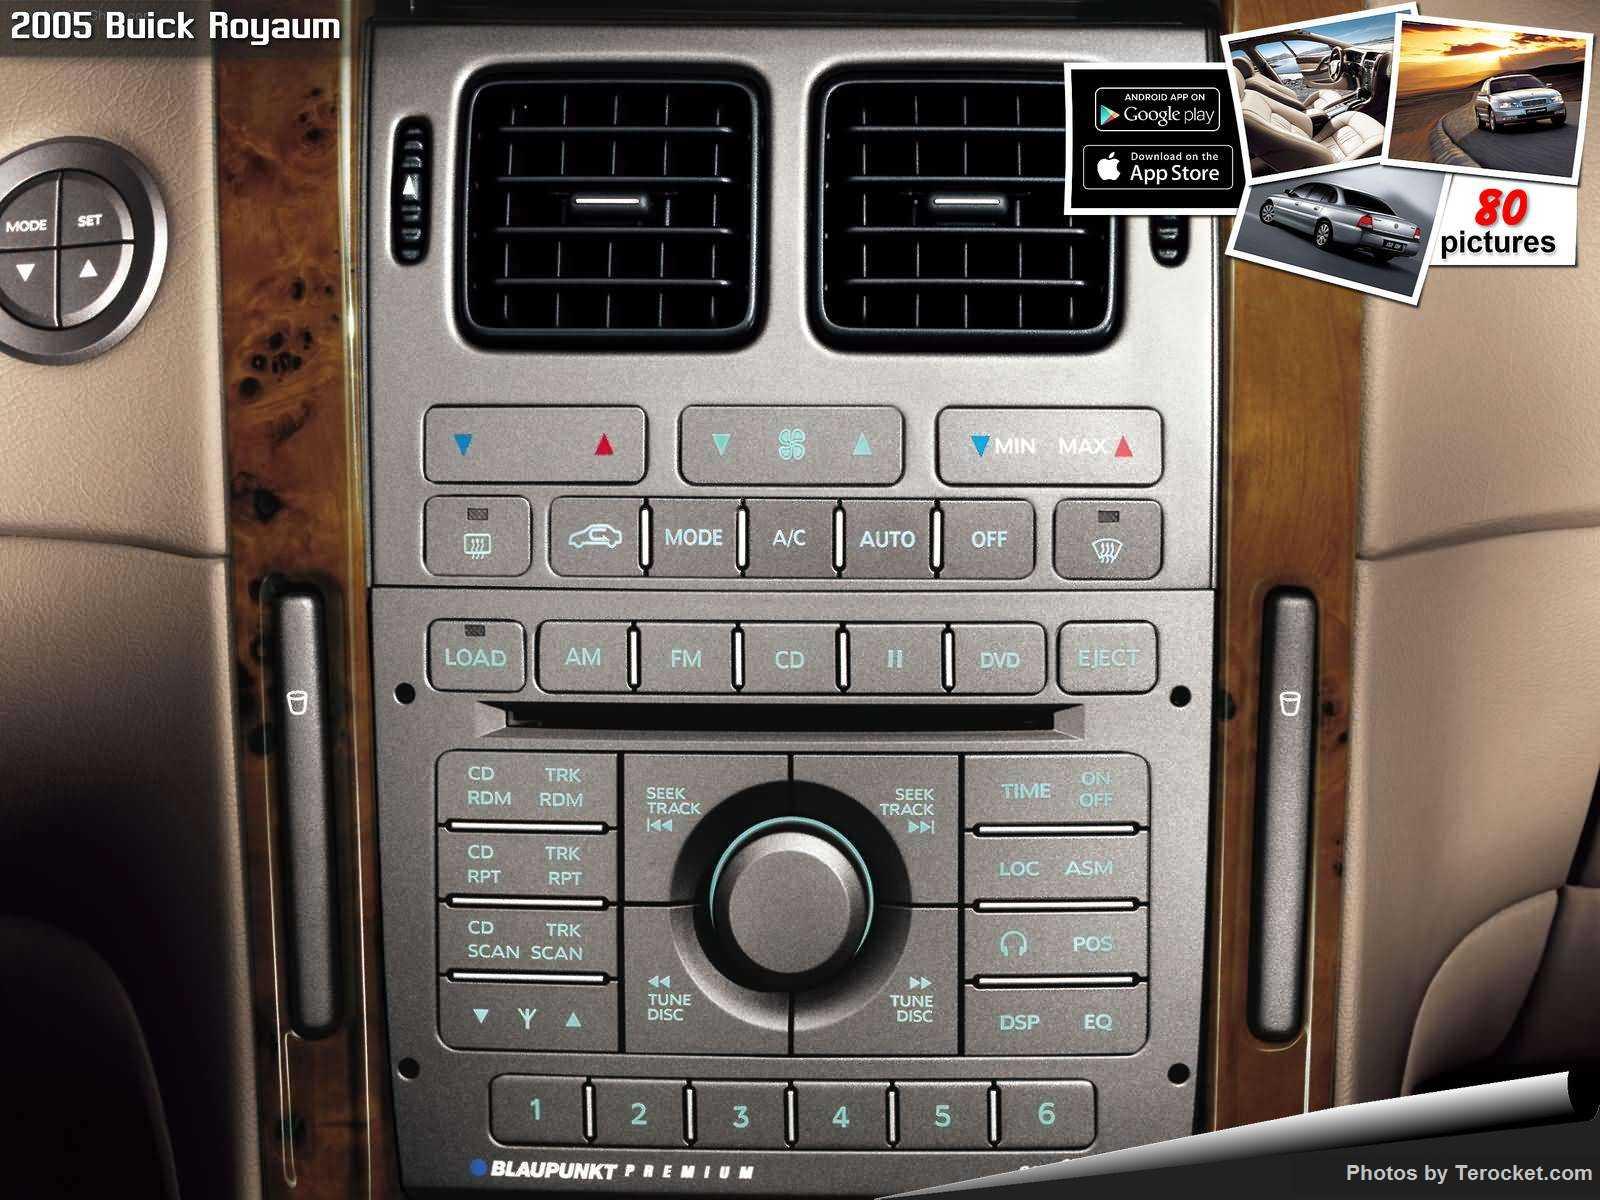 Hình ảnh xe ô tô Buick Royaum 2005 & nội ngoại thất